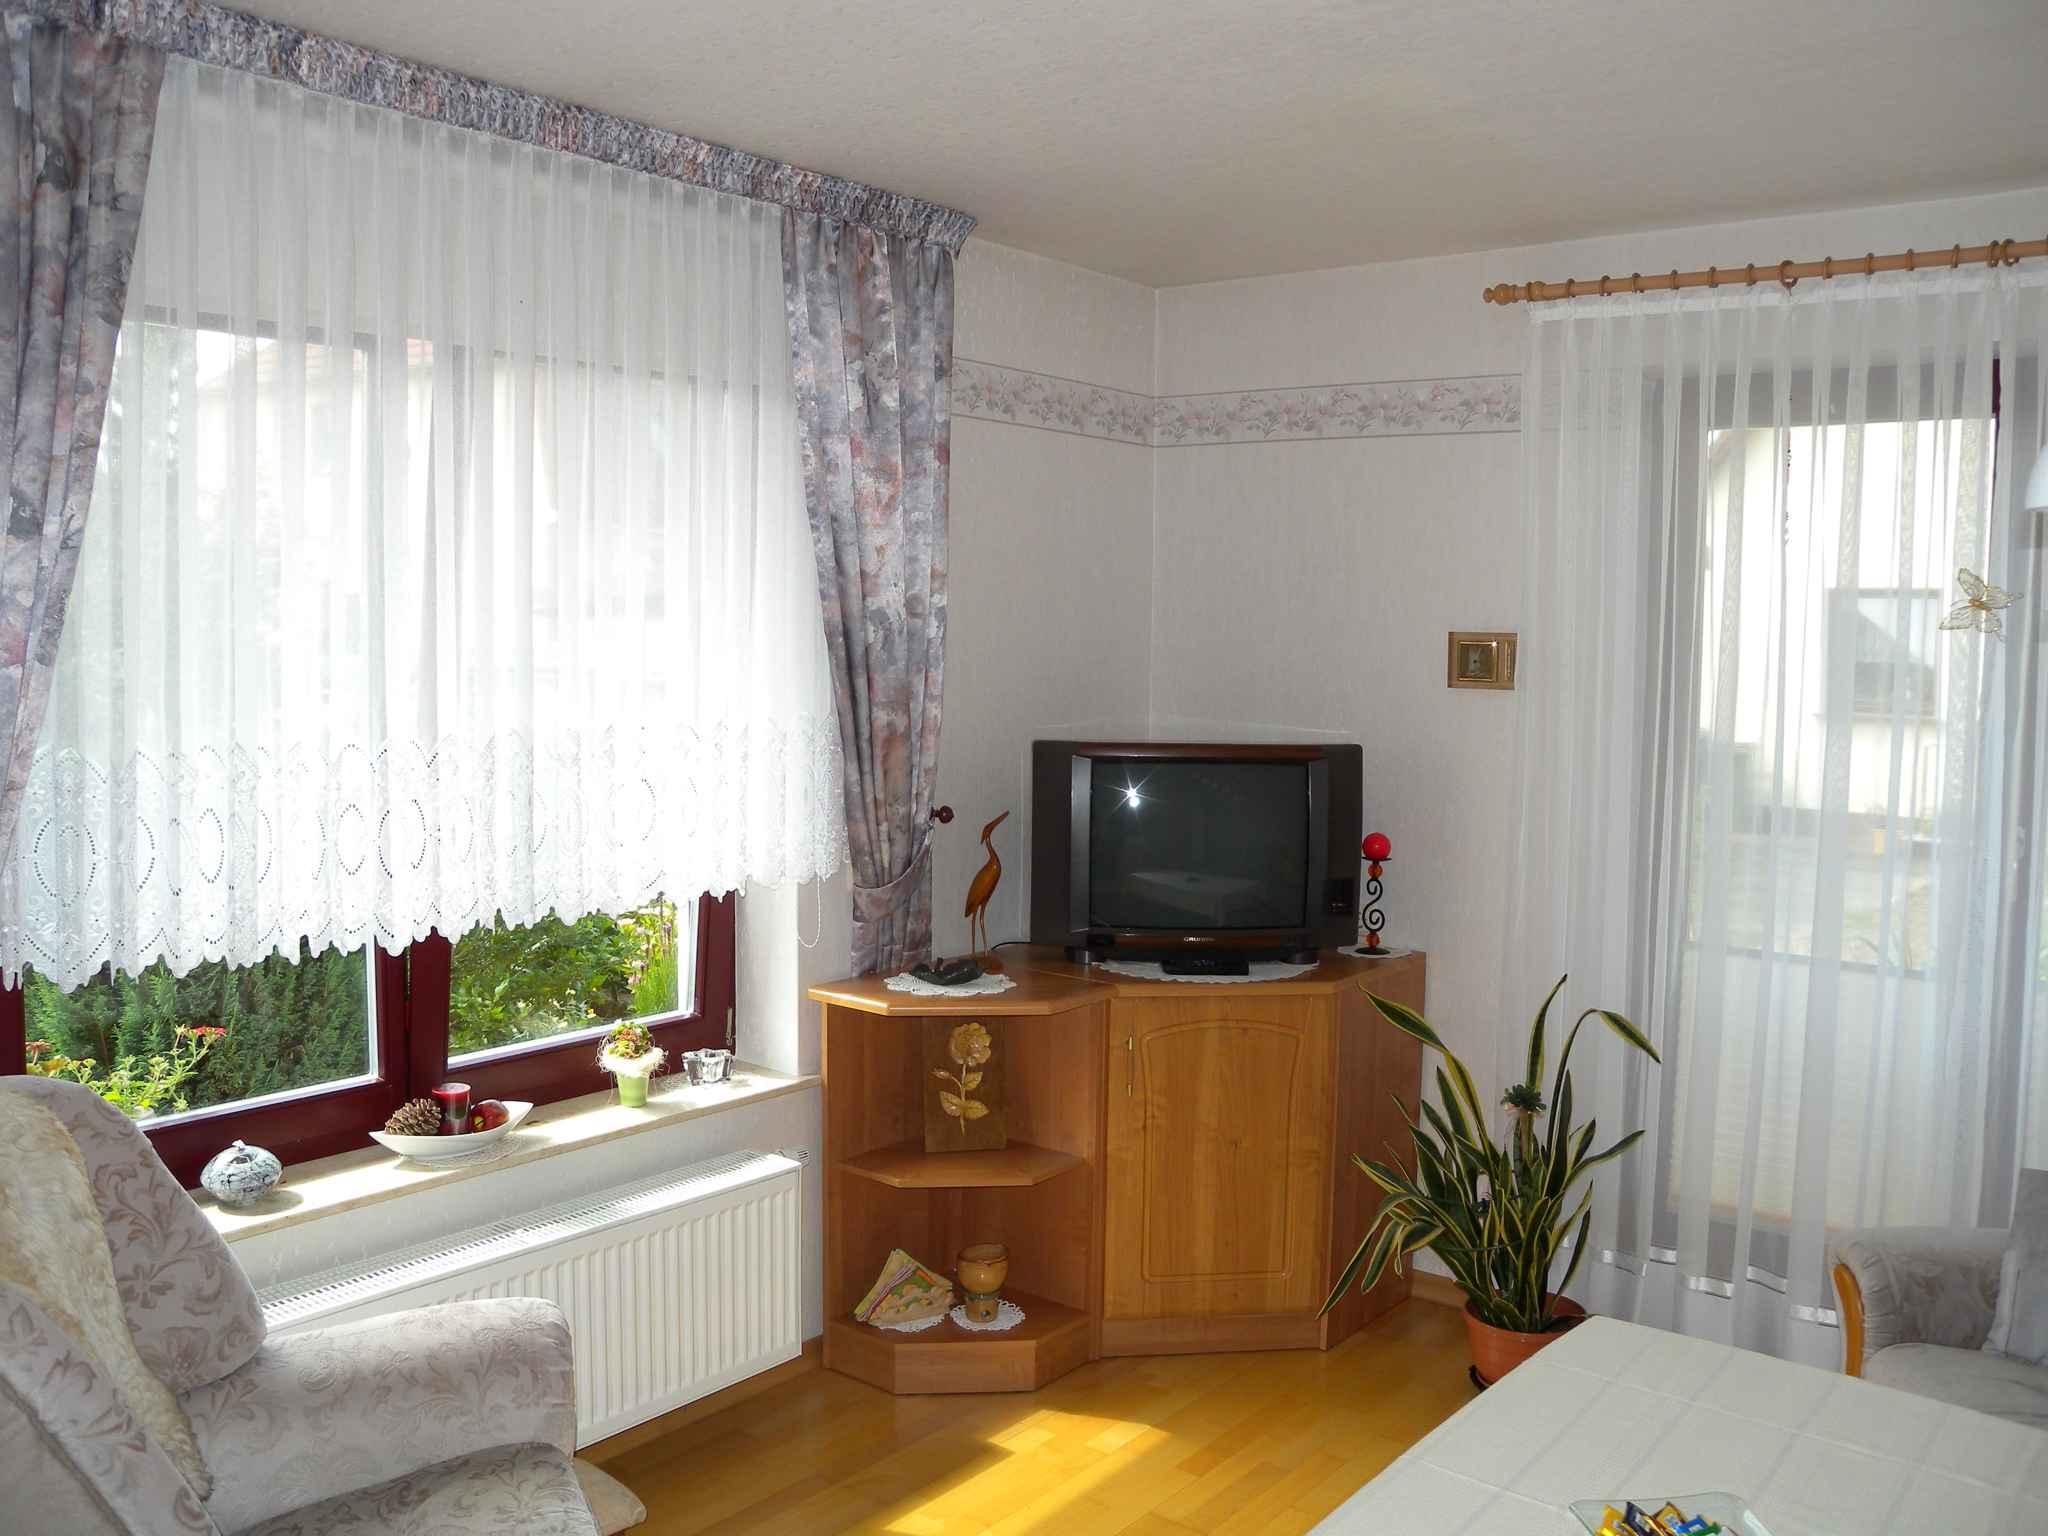 Ferienhaus Bungalow Ferienhaus mit Terrasse und Garten (358672), Bergen (Rügen), Rügen, Mecklenburg-Vorpommern, Deutschland, Bild 20